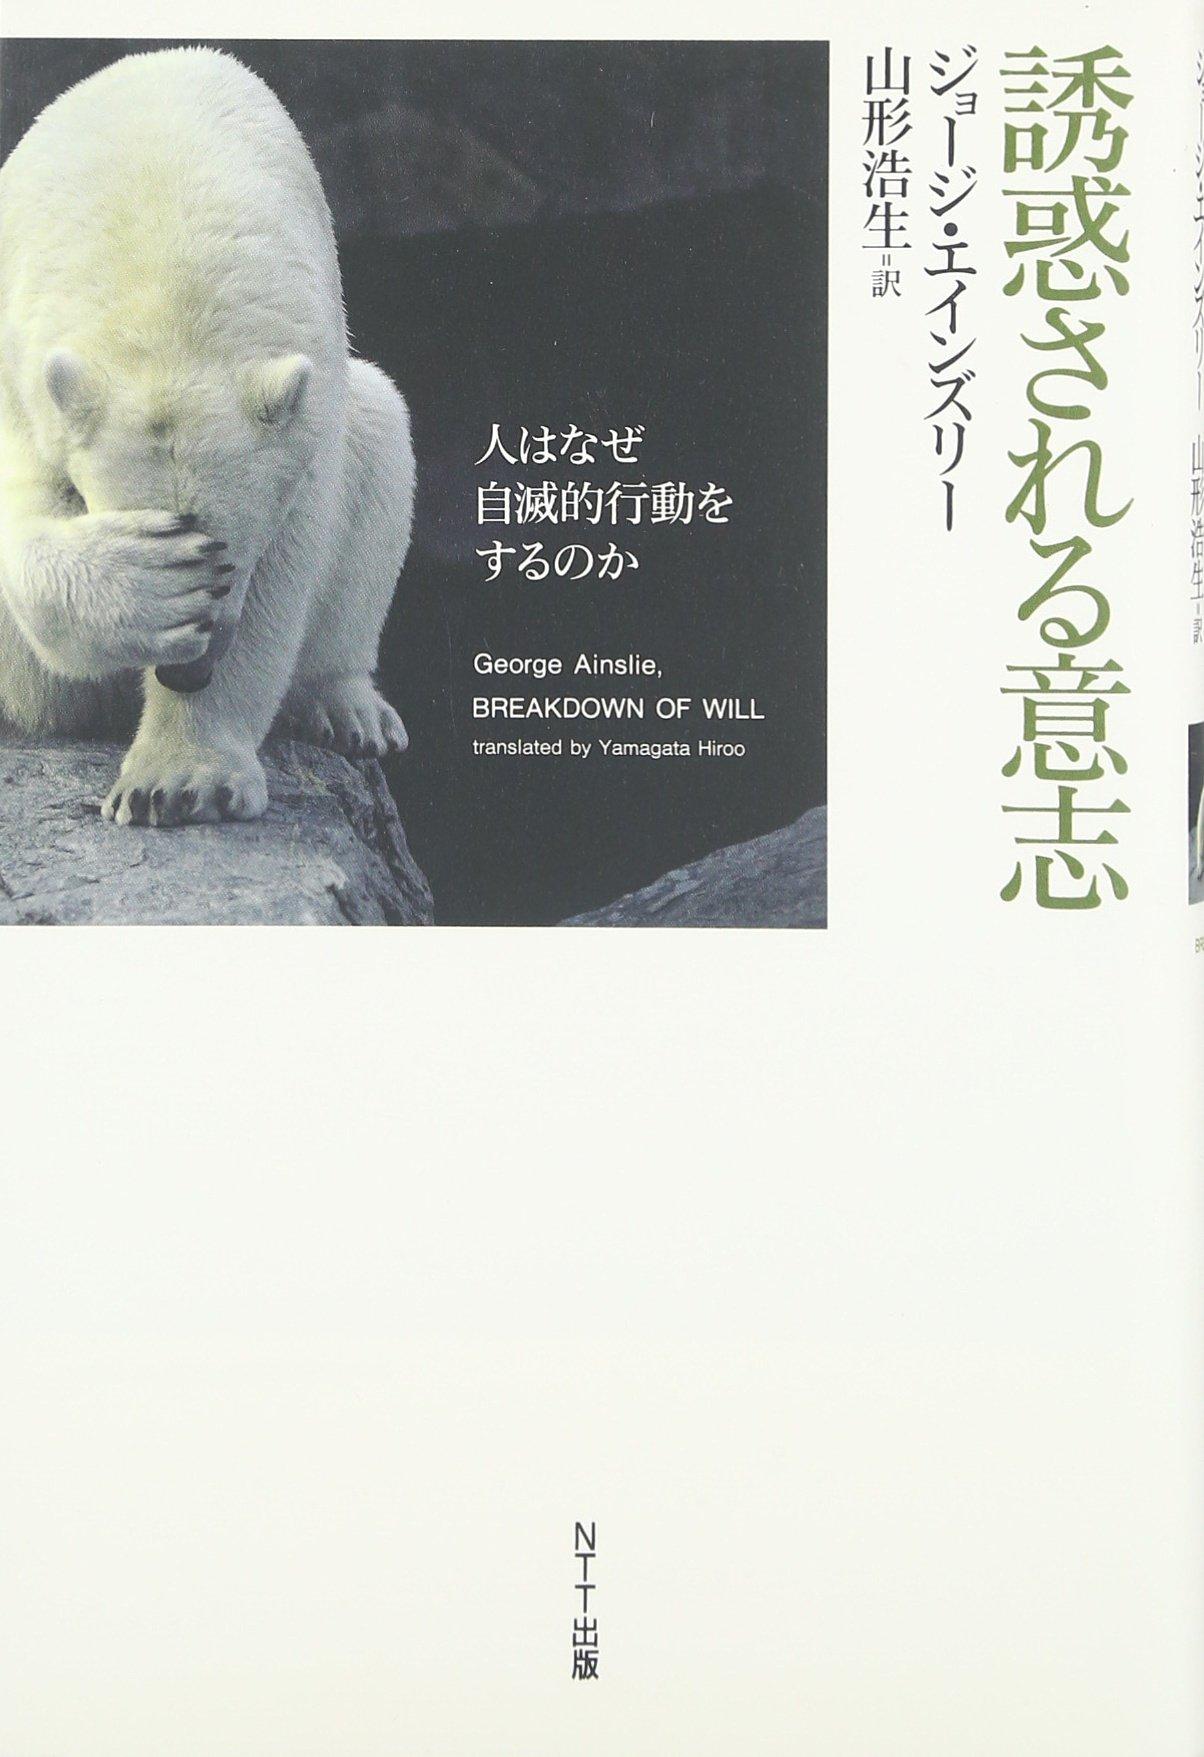 Yūwakusareru ishi : Hito wa naze jimetsuteki kōdō o surunoka PDF